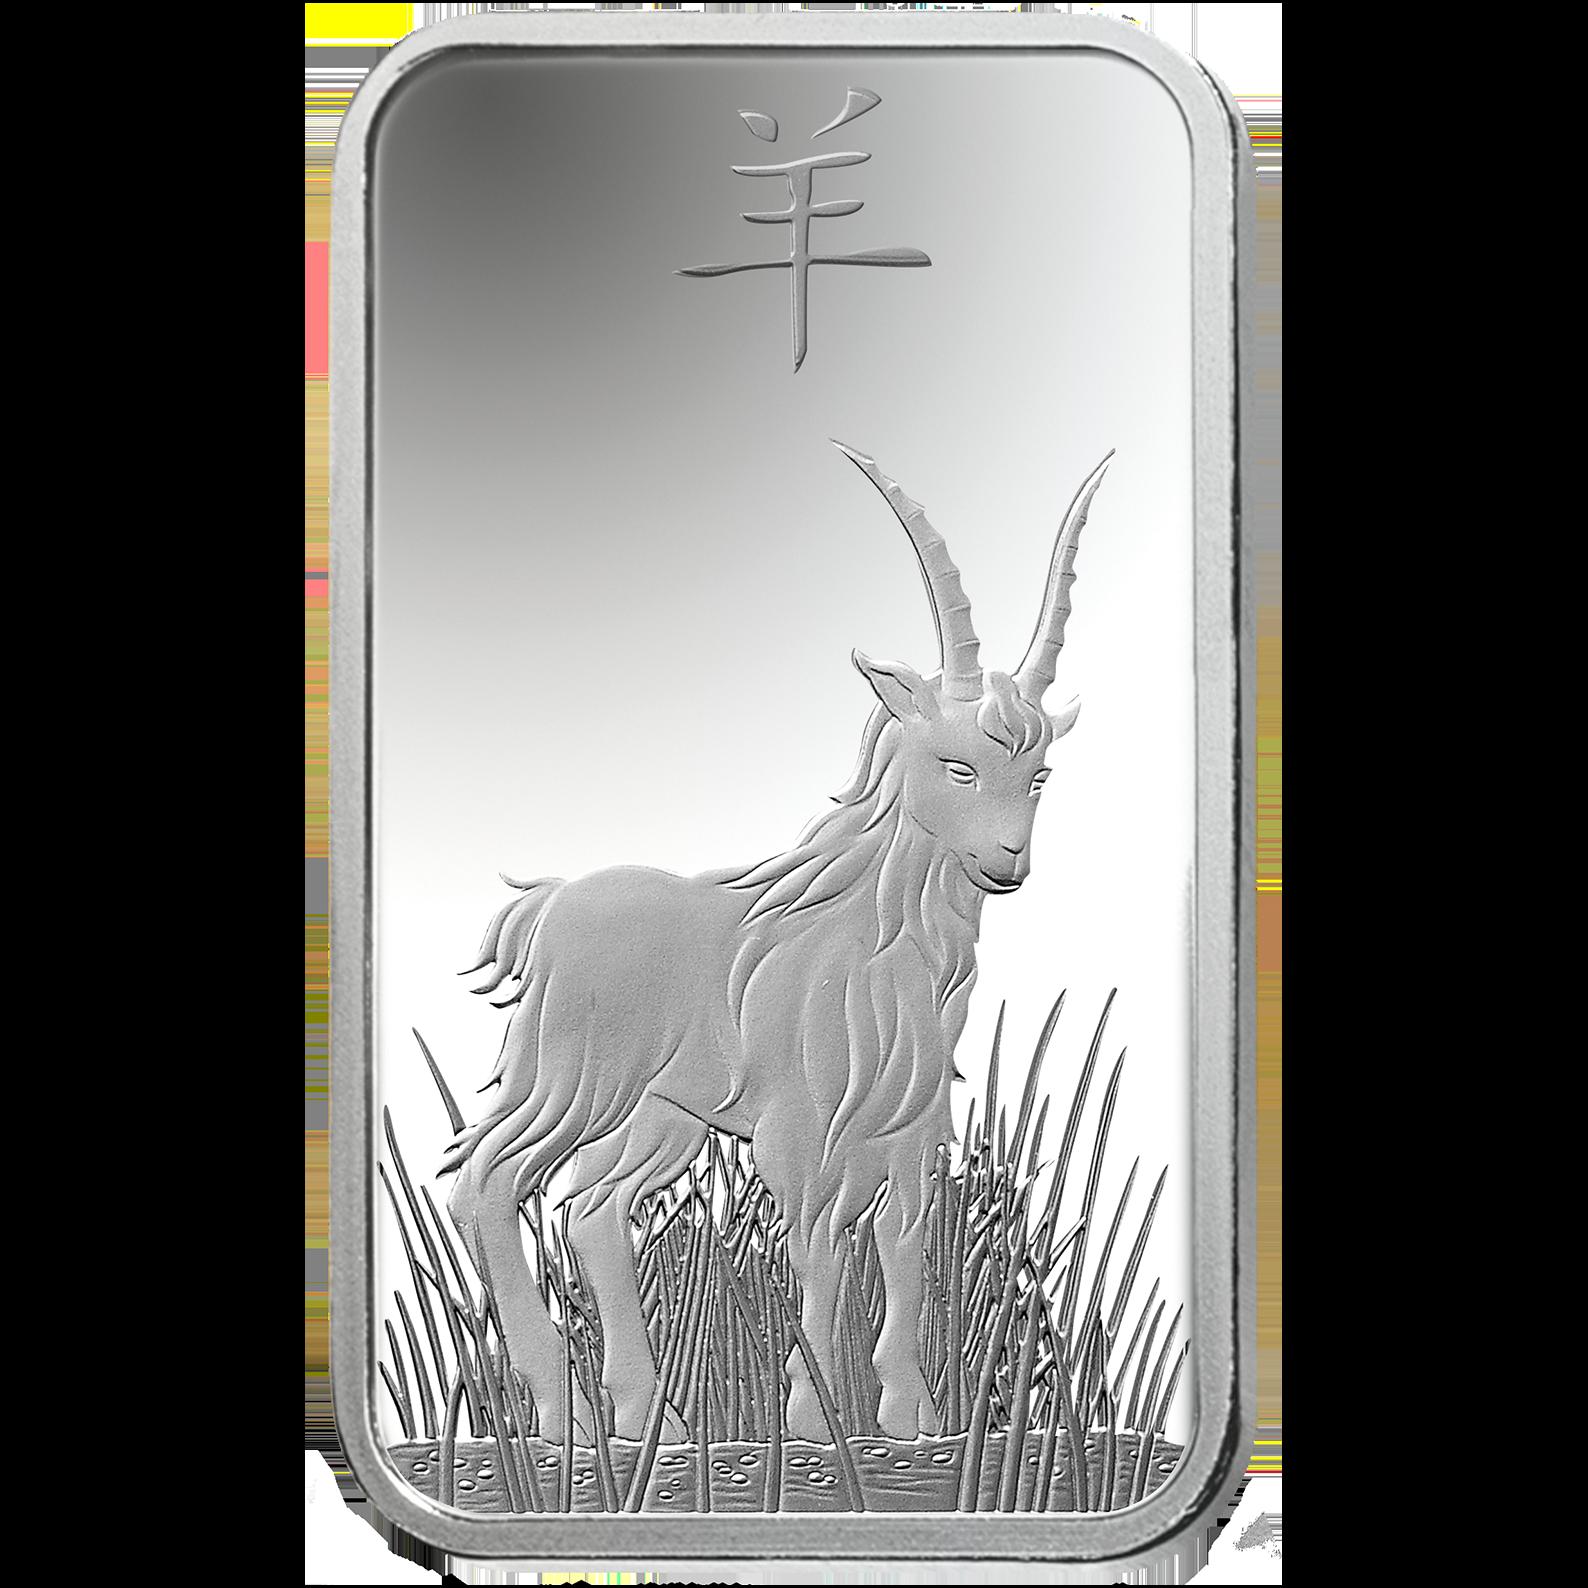 100 grammi lingottino d'argento puro 999.0 - PAMP Suisse Capra Lunare